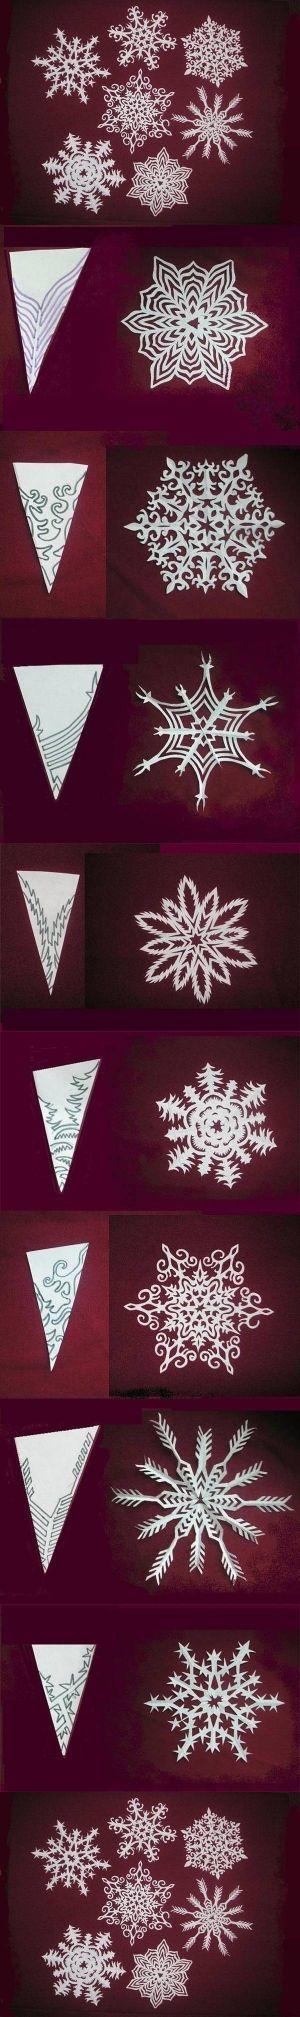 DIY Snowflakes Paper Pattern Tutorial DIY Snowflakes Paper Pattern Tutorial by diyforever